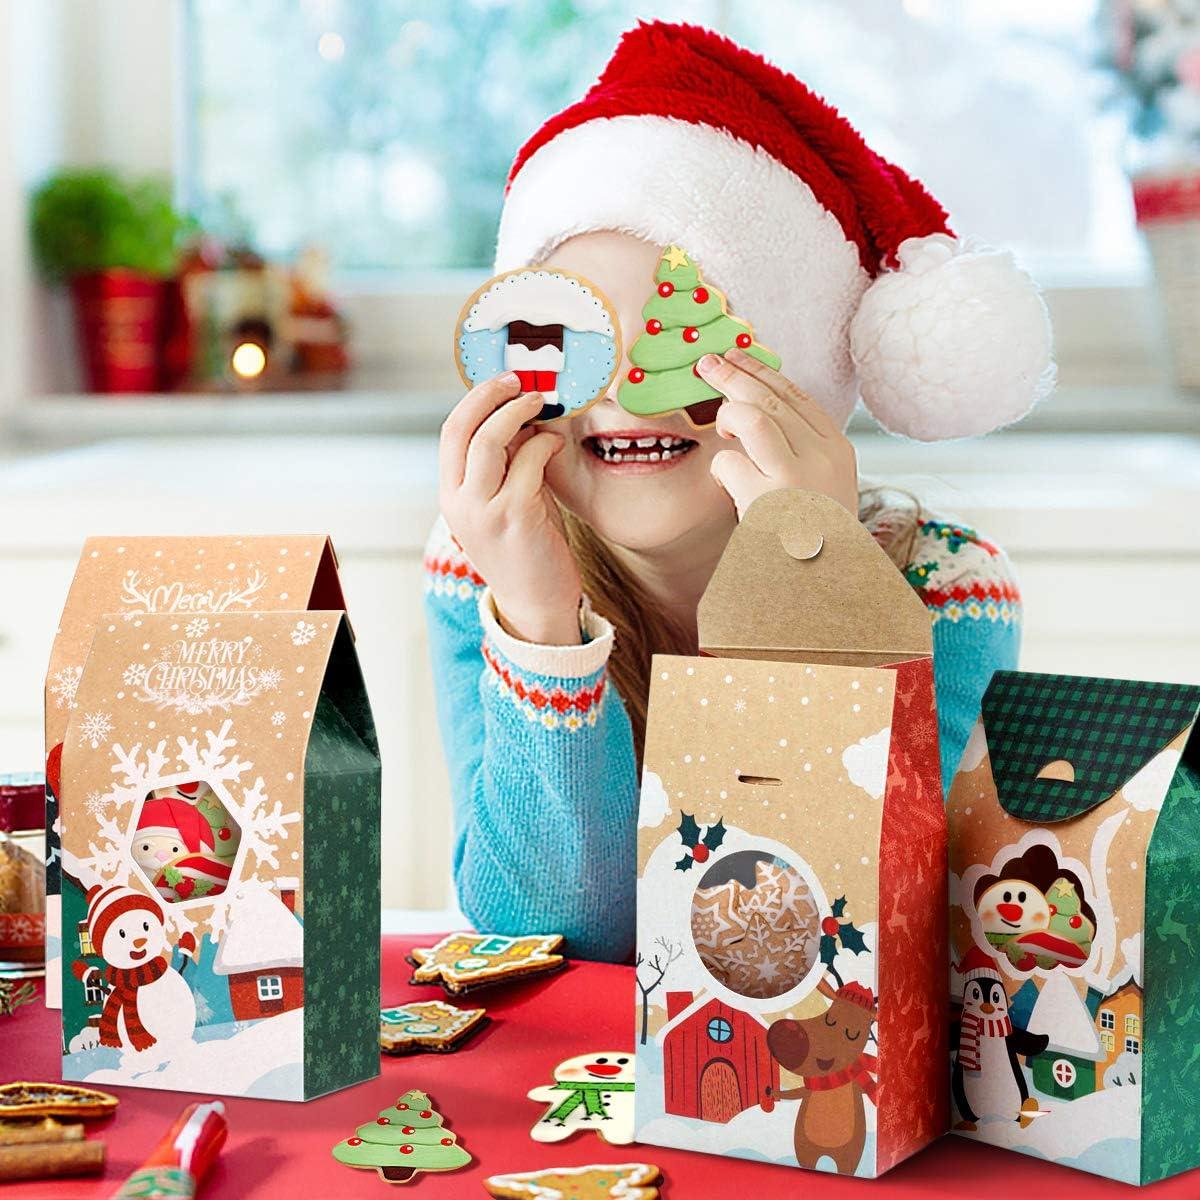 Hemoton Scatole di Biscotti Natalizi da 16 Pezzi Scatole di Caramelle per Ciambelle di Carta Kraft Scatole di Dolcetti Natalizi con Finestra Trasparente Contenitore per Alimenti da Forno